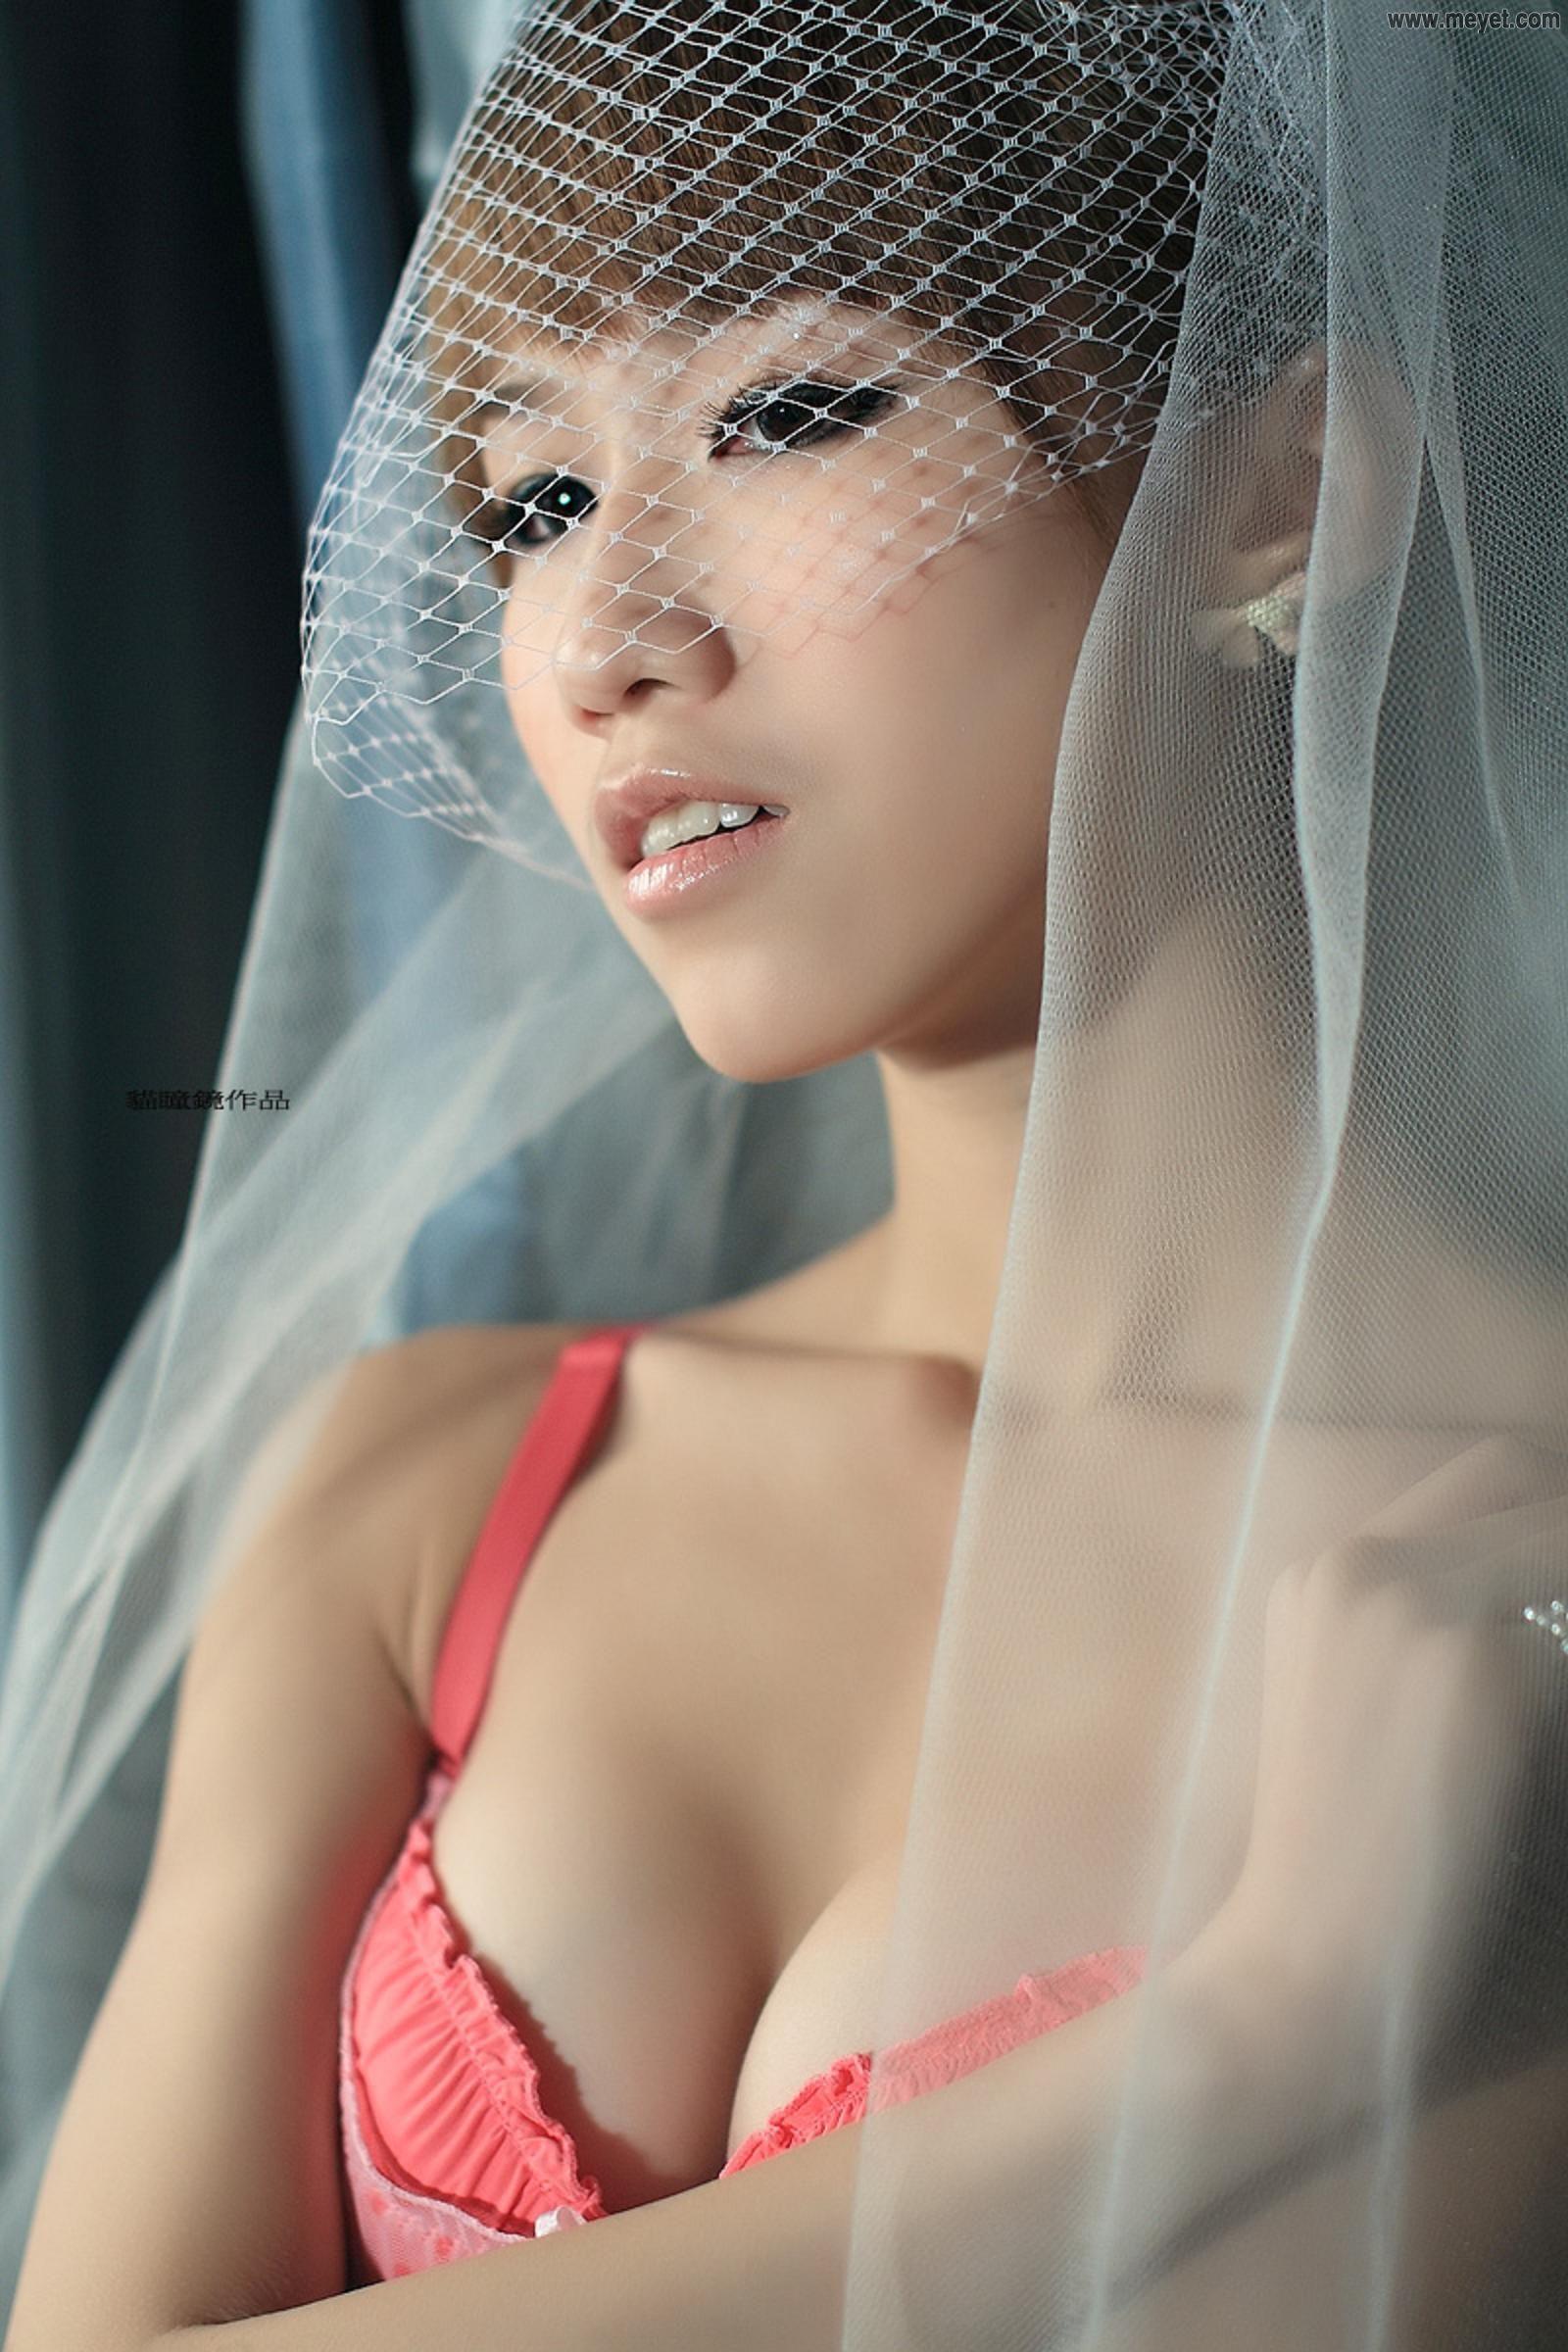 321西西音乐网 超级诱惑Beautyleg简晓育Vicni黑丝美